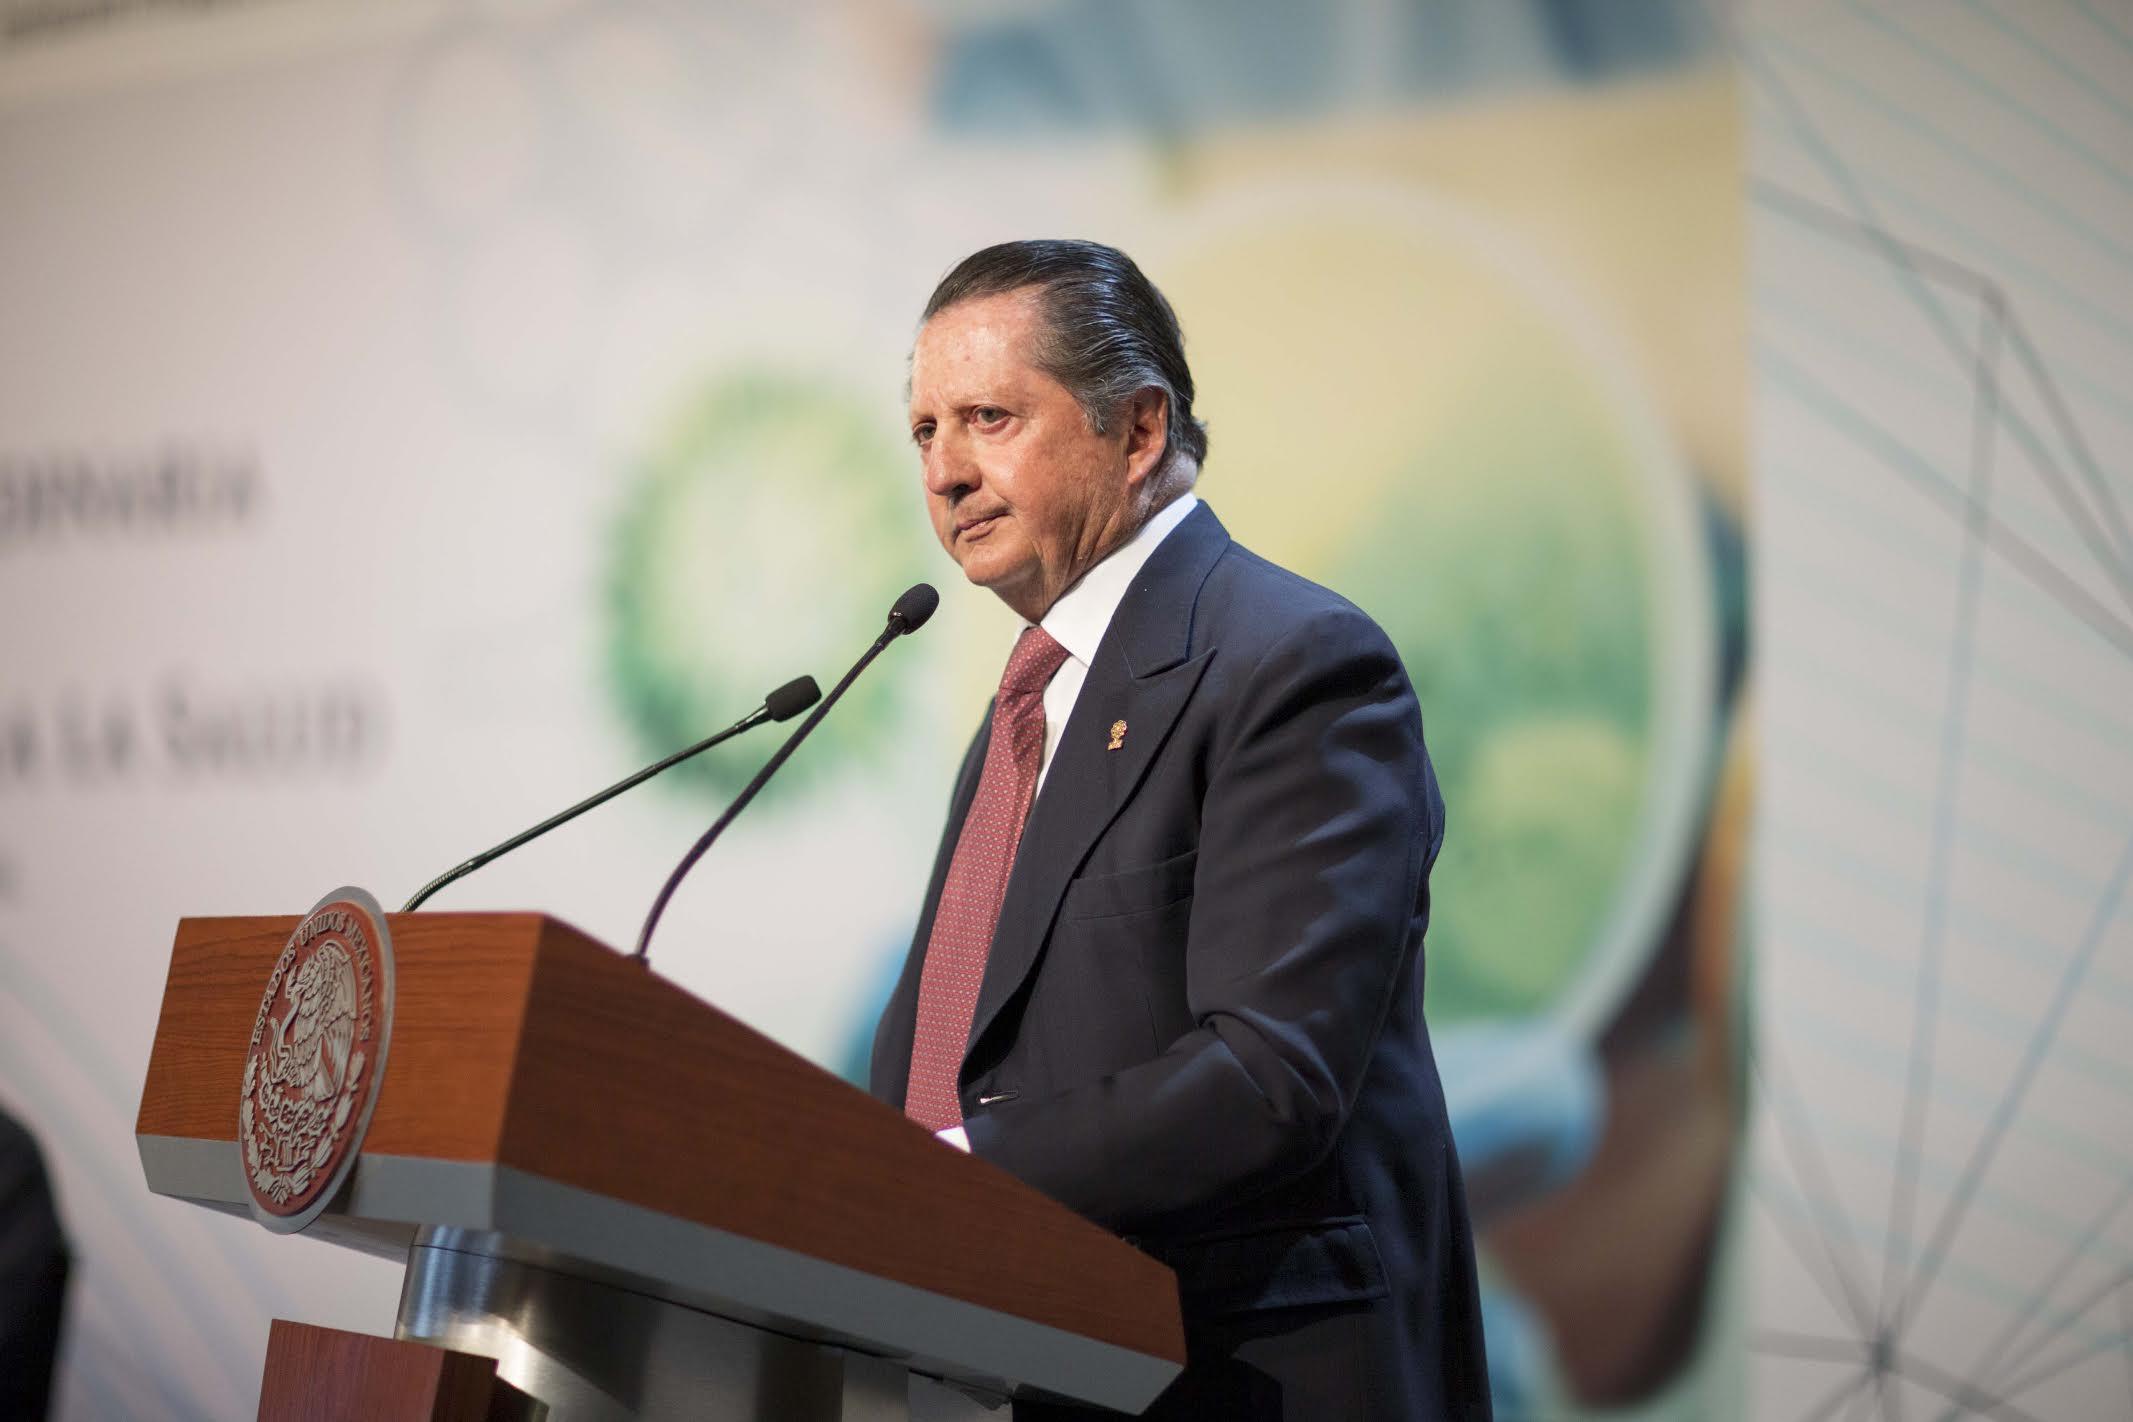 Pablo Escandón Cusi, Presidente del Consejo Directivo de la Fundación Mexicana para la Salud.